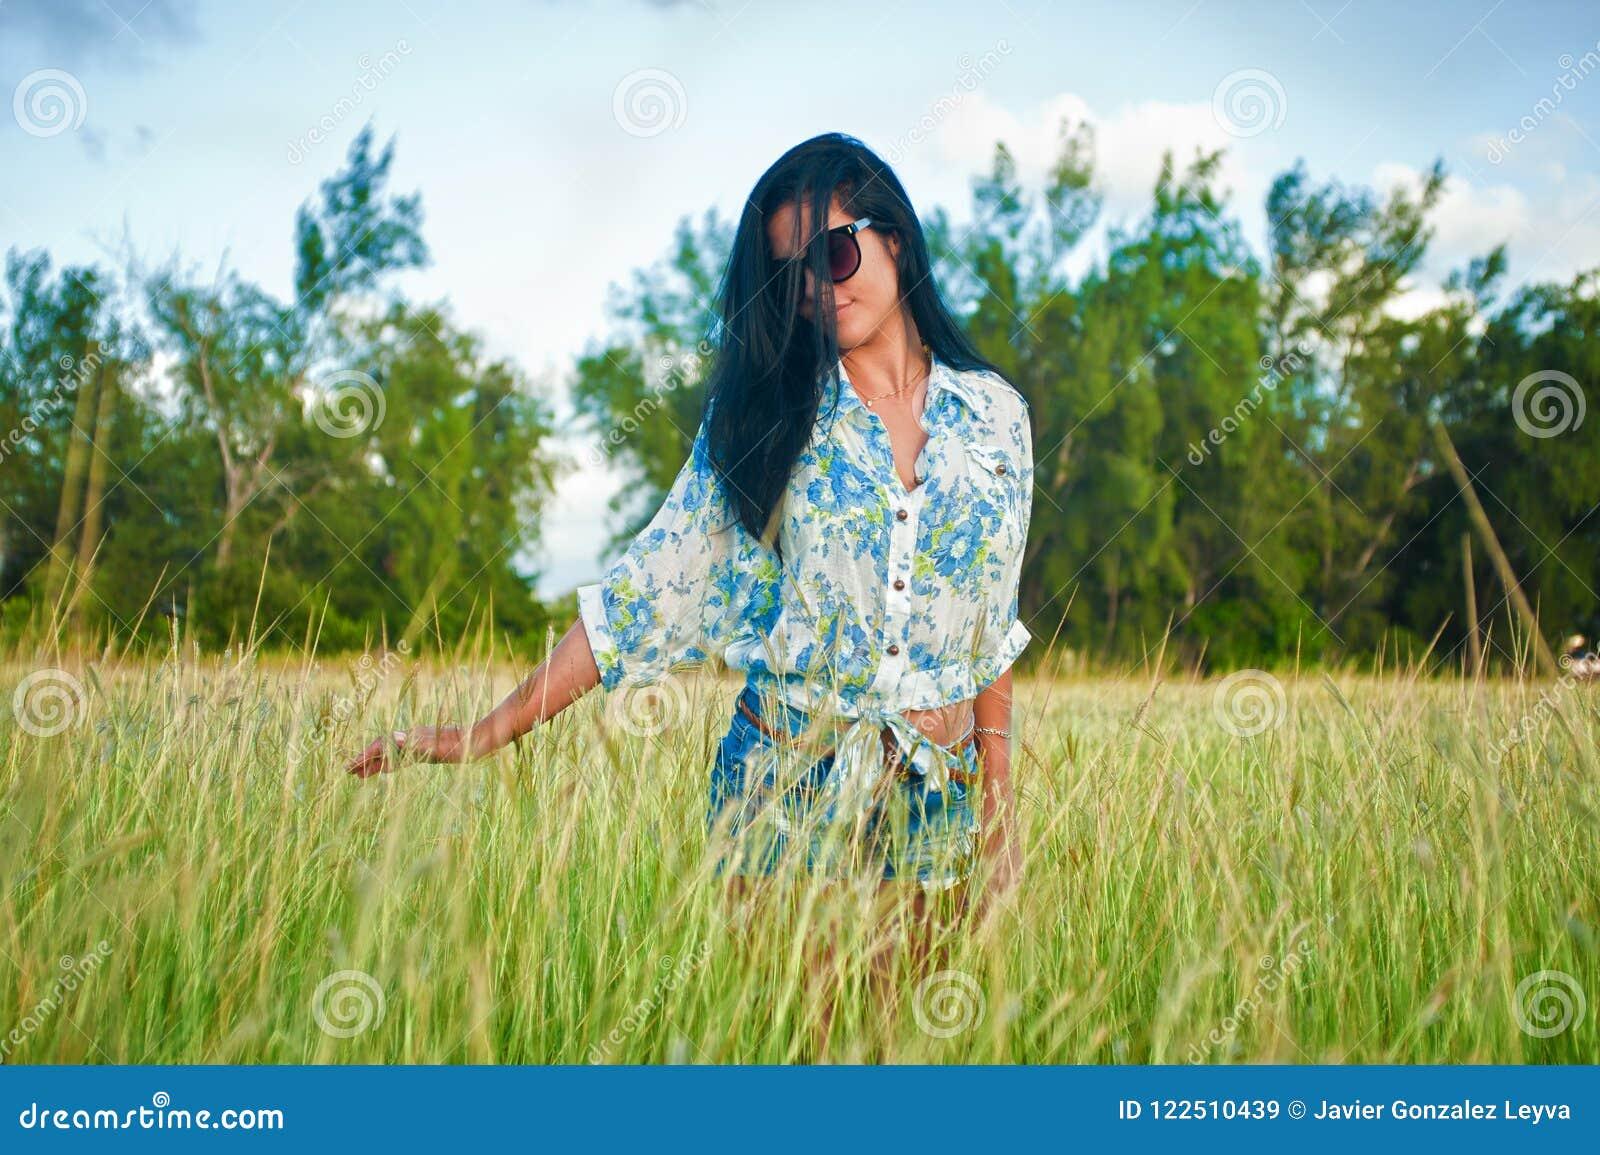 Latina-Frau mit Sonnenbrille